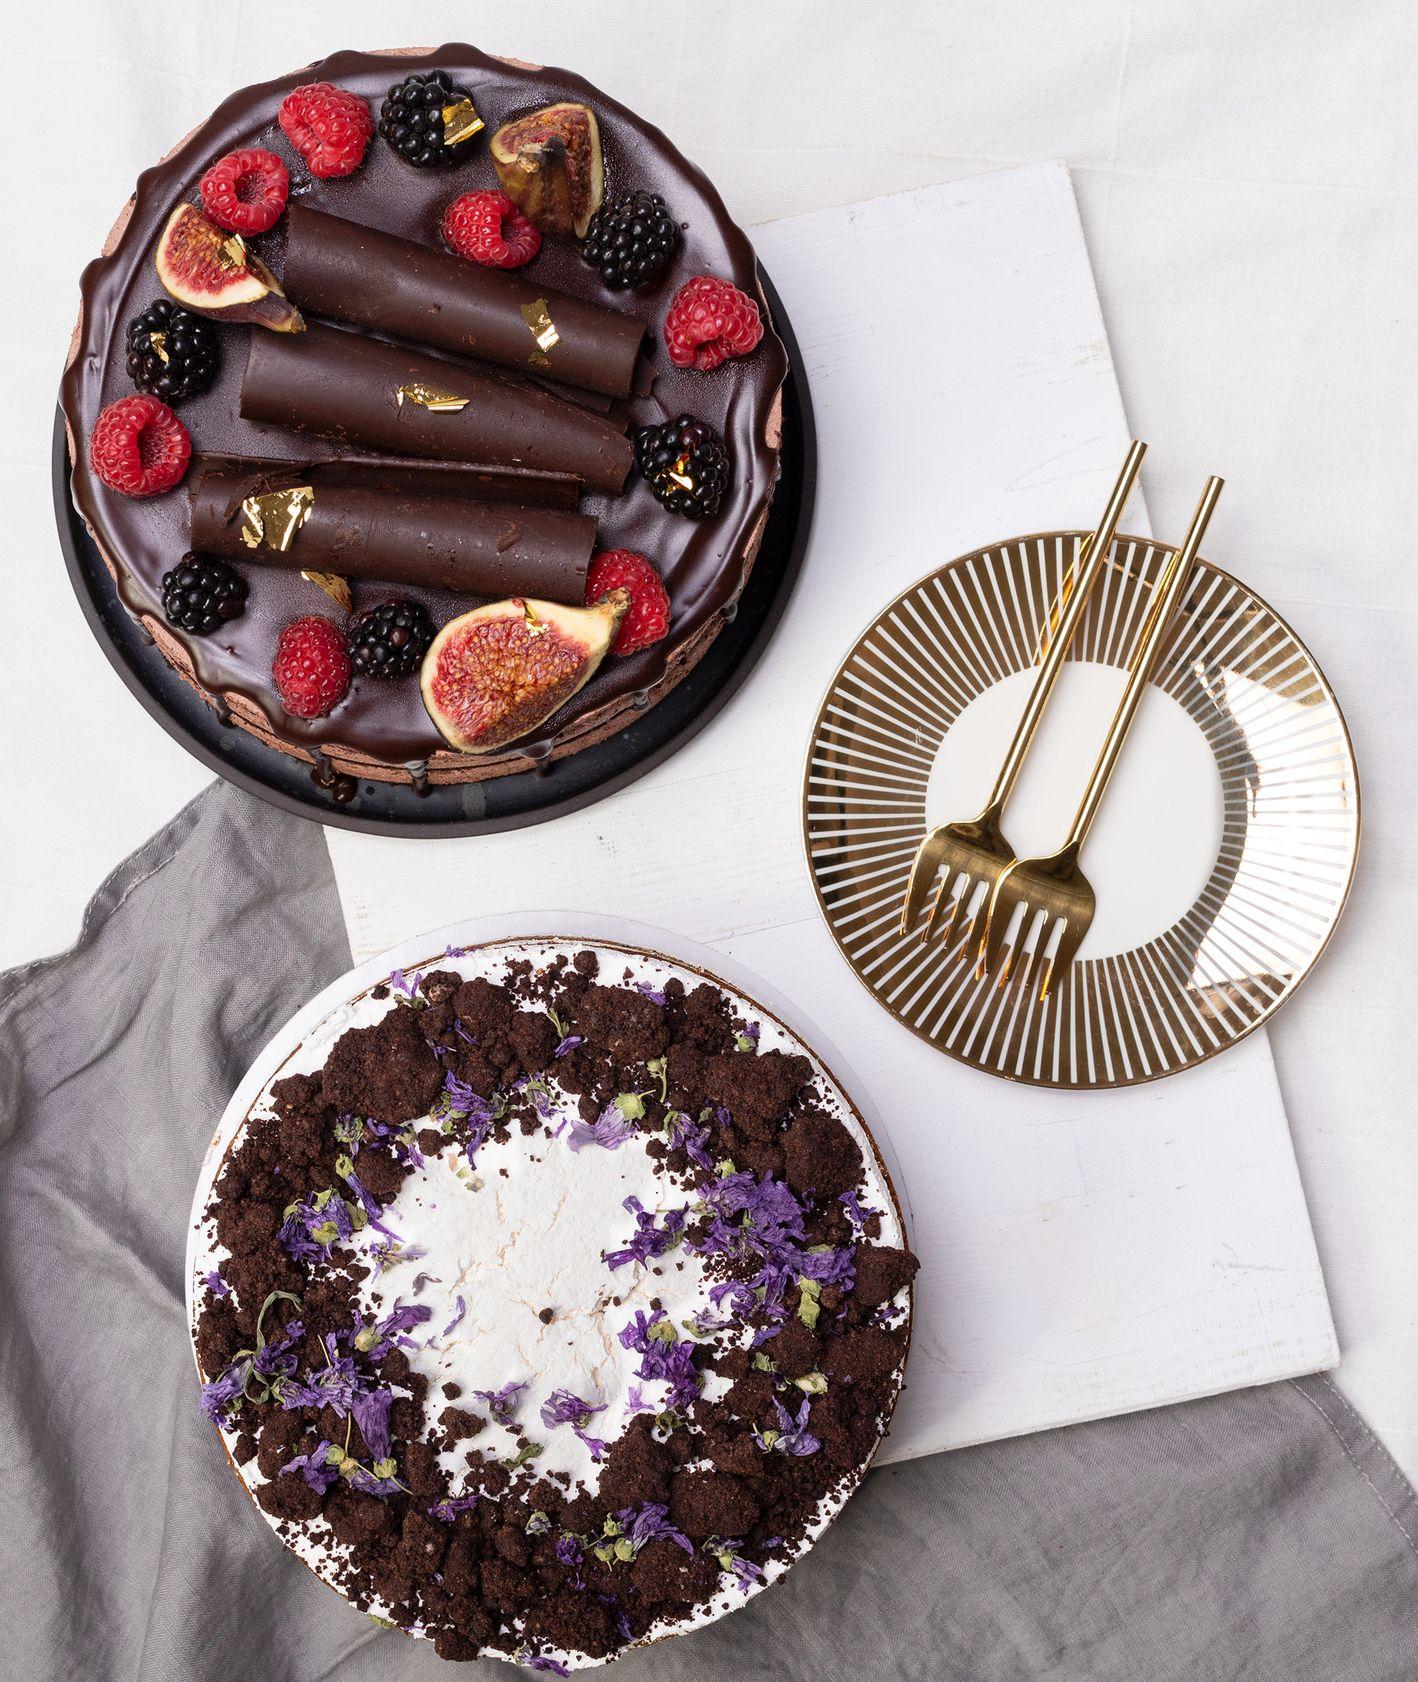 Wegańskie torty - wegańśki tor bananowny oraz wegański tort urodzinowy (fot. Paulina Czyżewska)